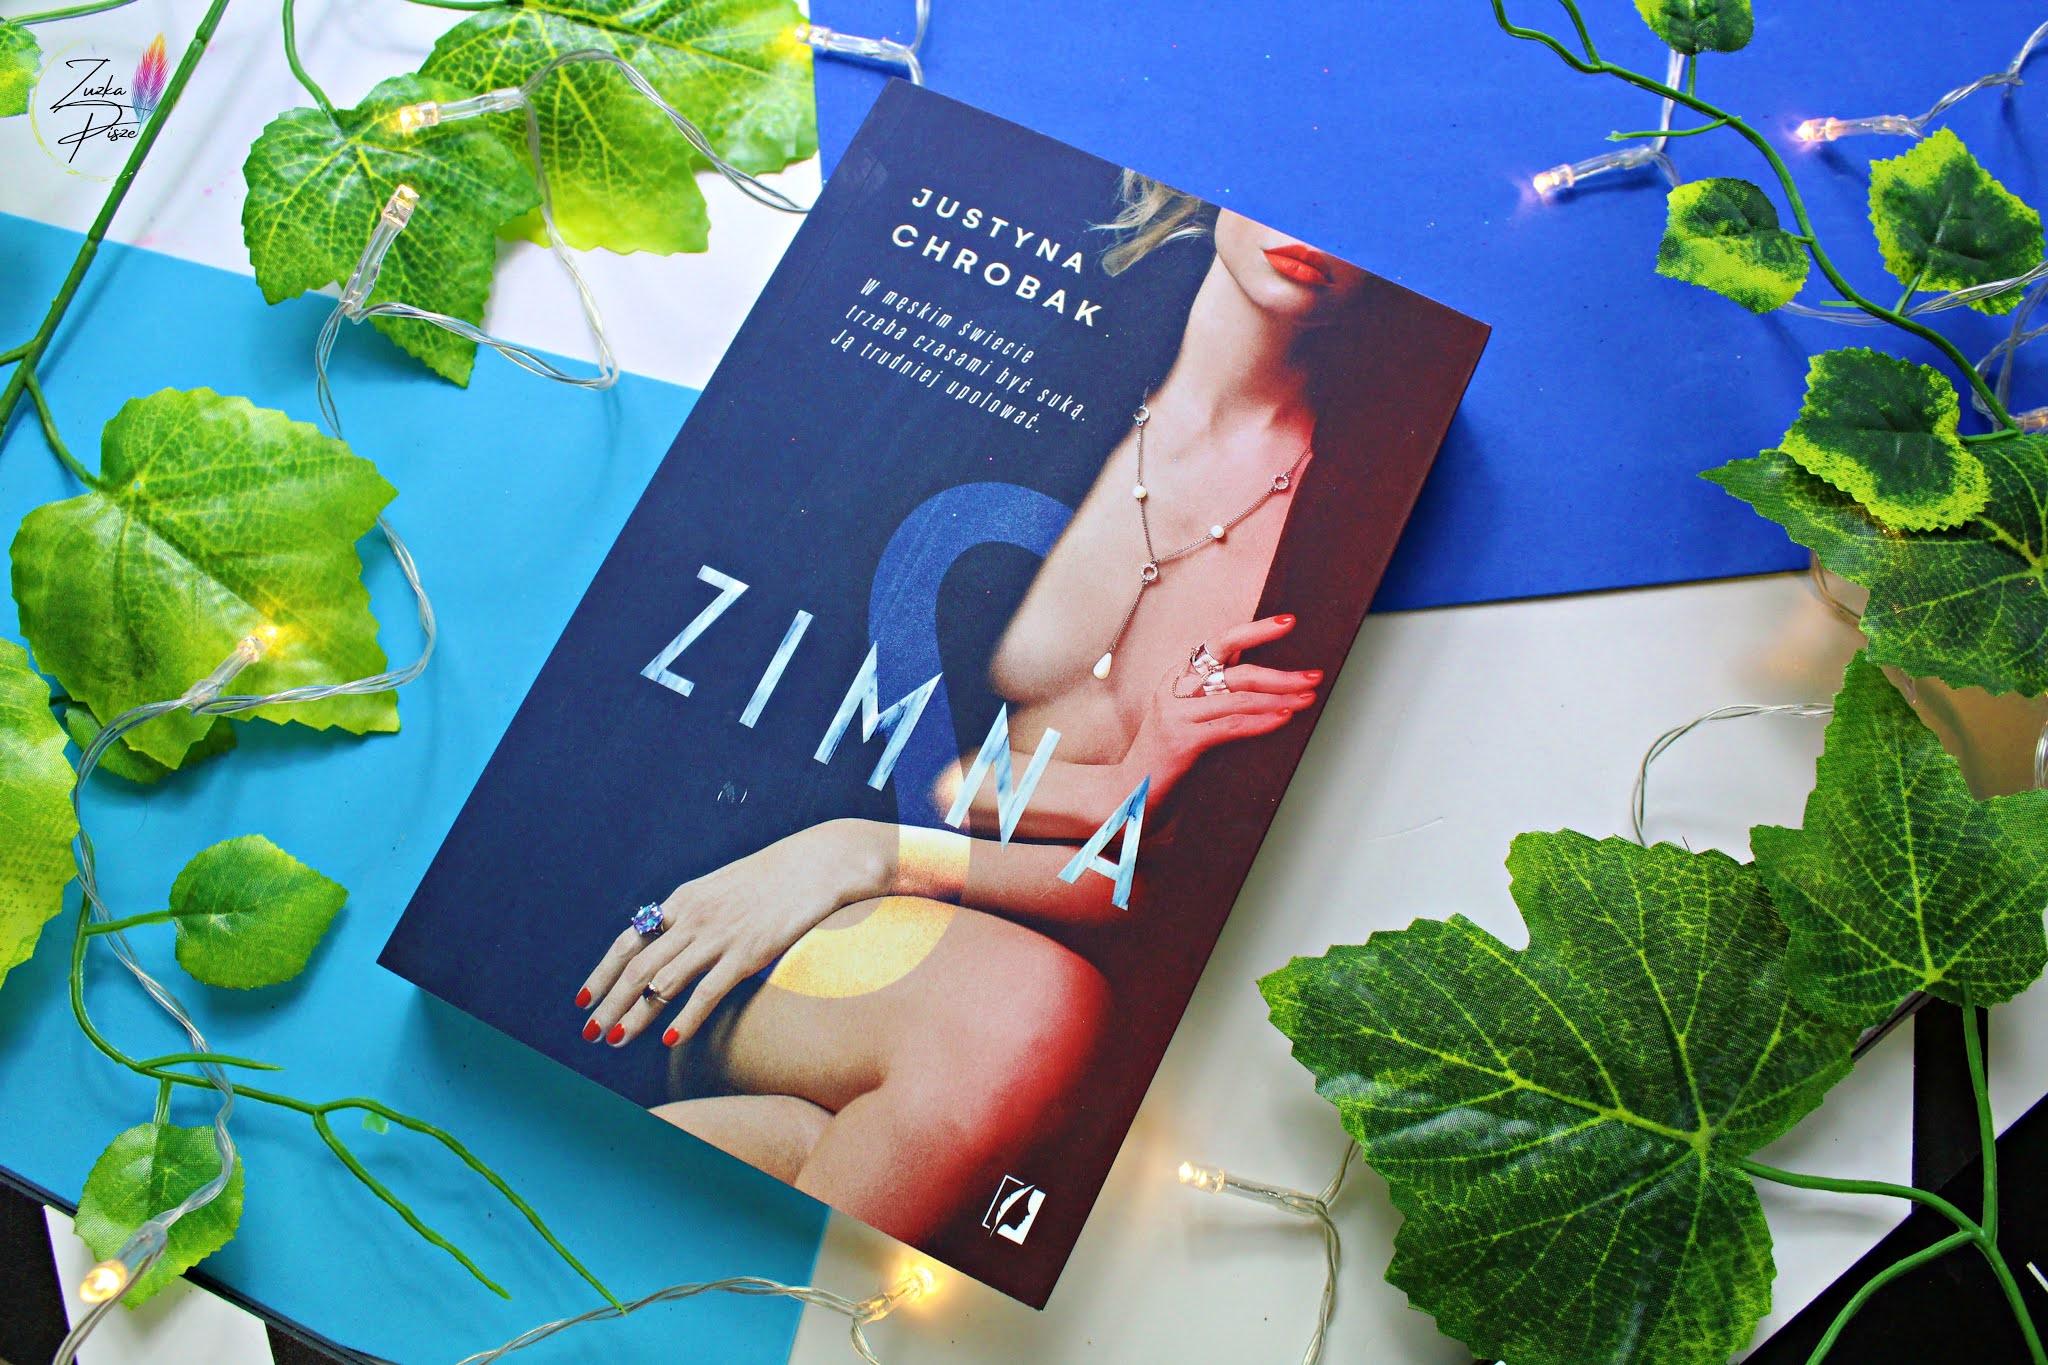 """Justyna Chrobak """"Zimna S"""" - recenzja książki"""